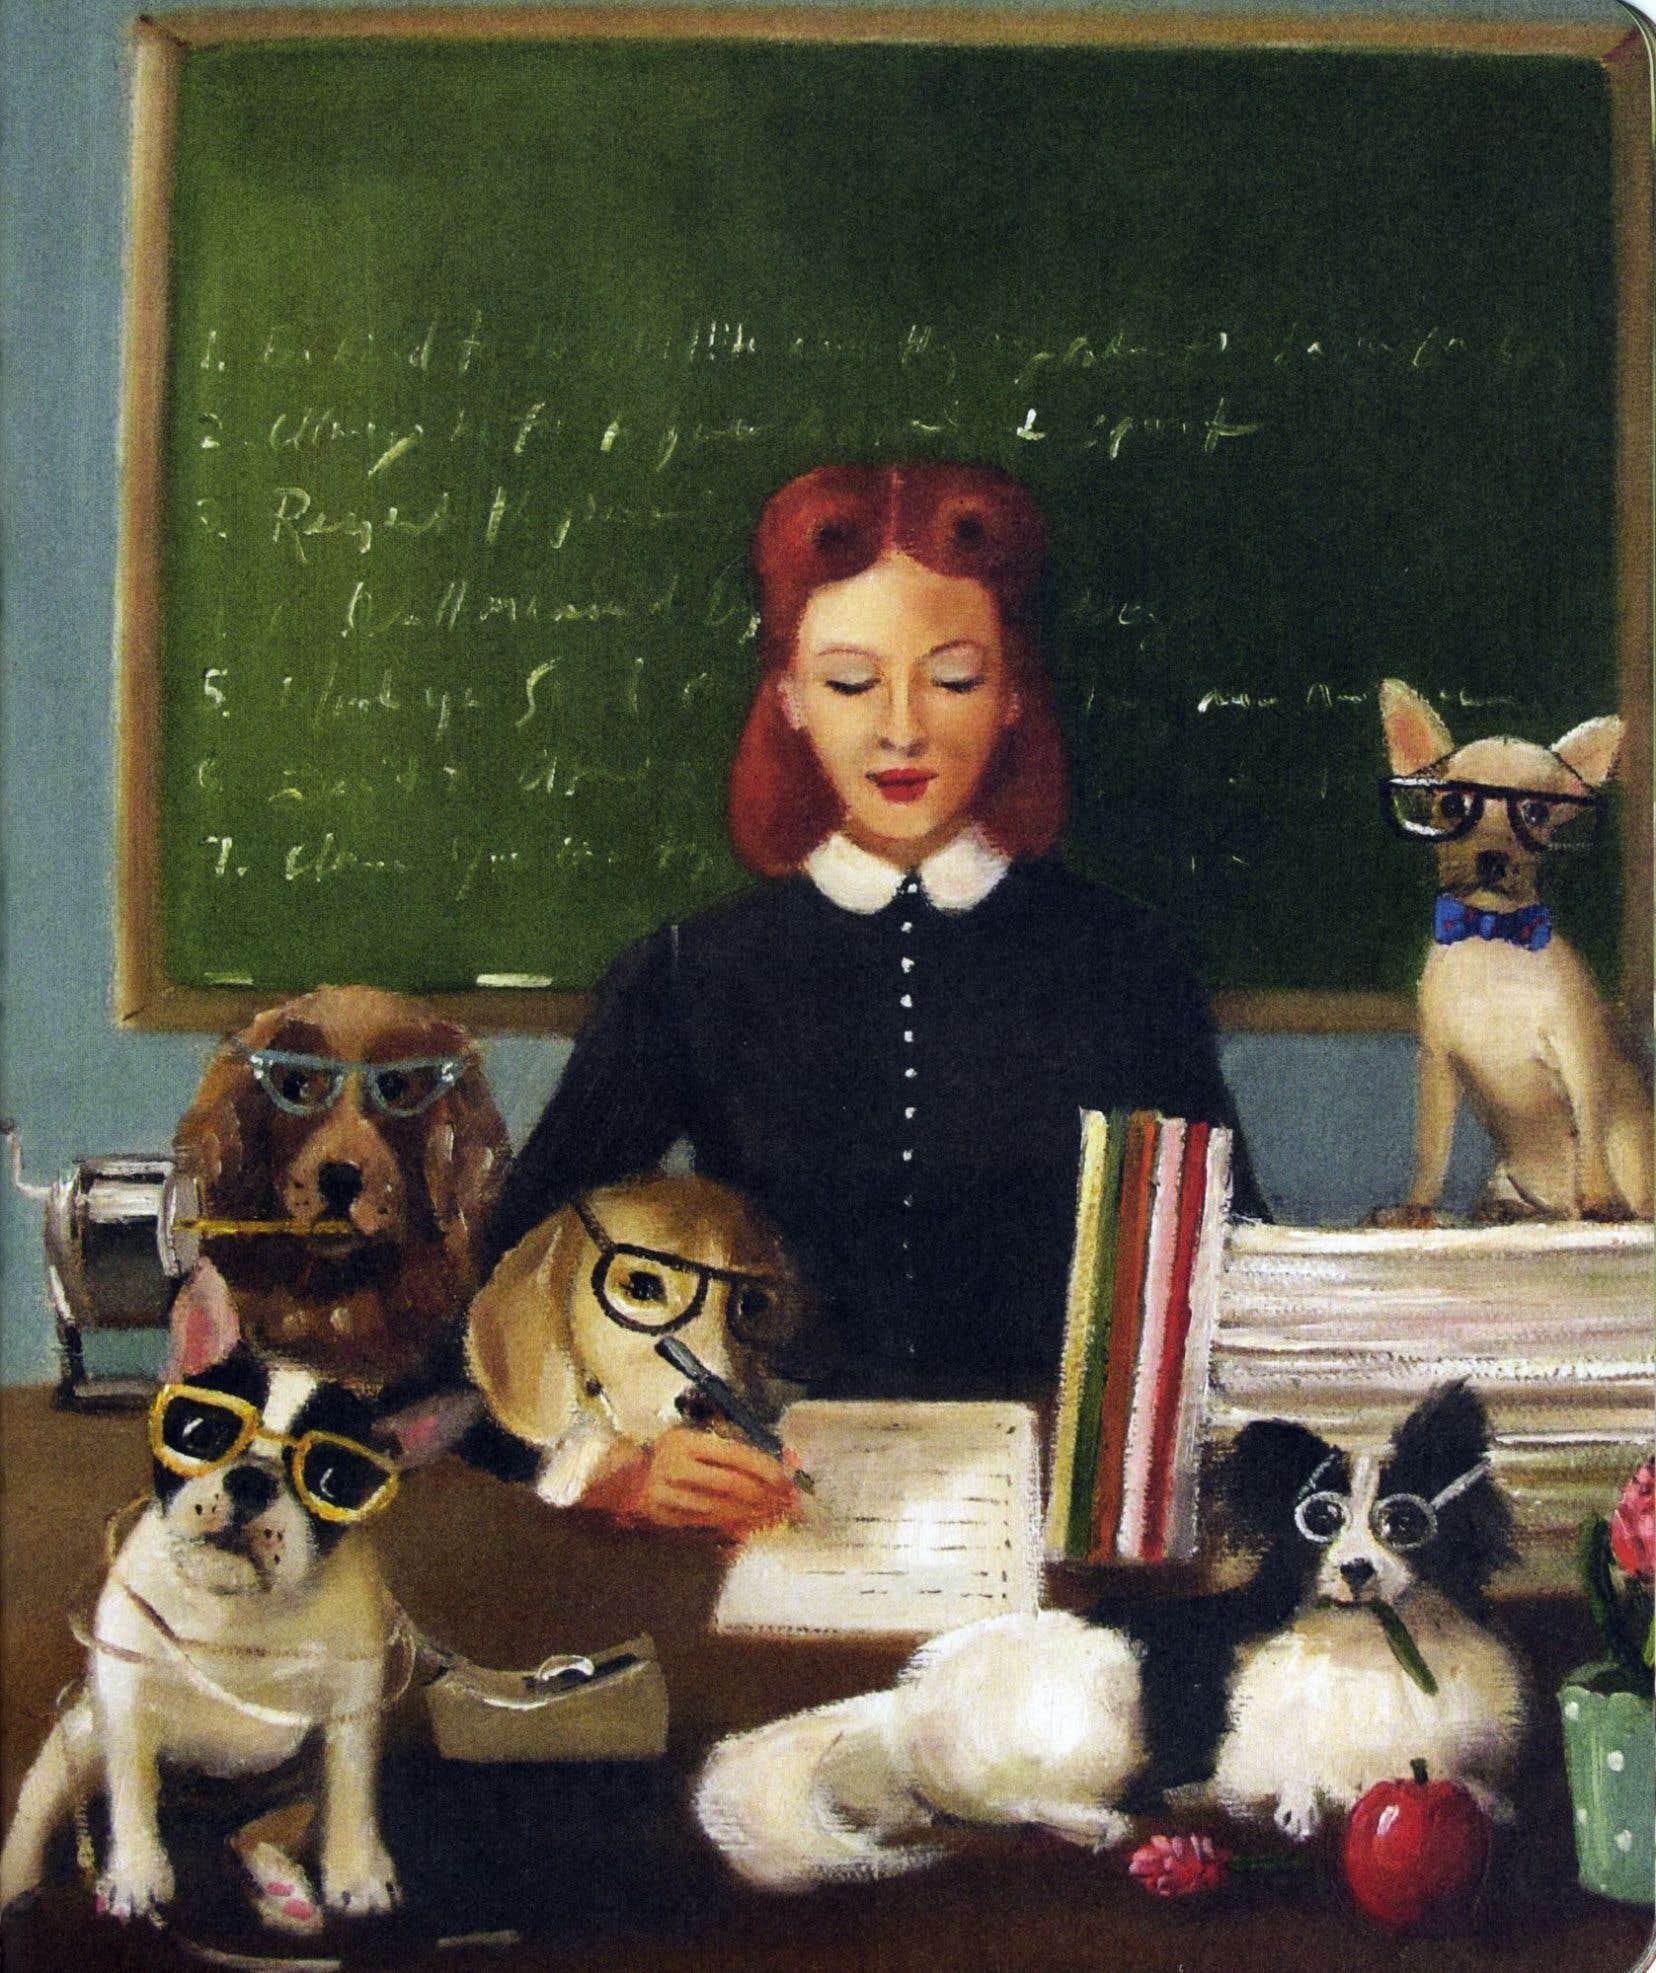 Chacune des leçons de vie est accompagnée d'une œuvre mettant en scène l'élégante gouvernante et ses «élèves».